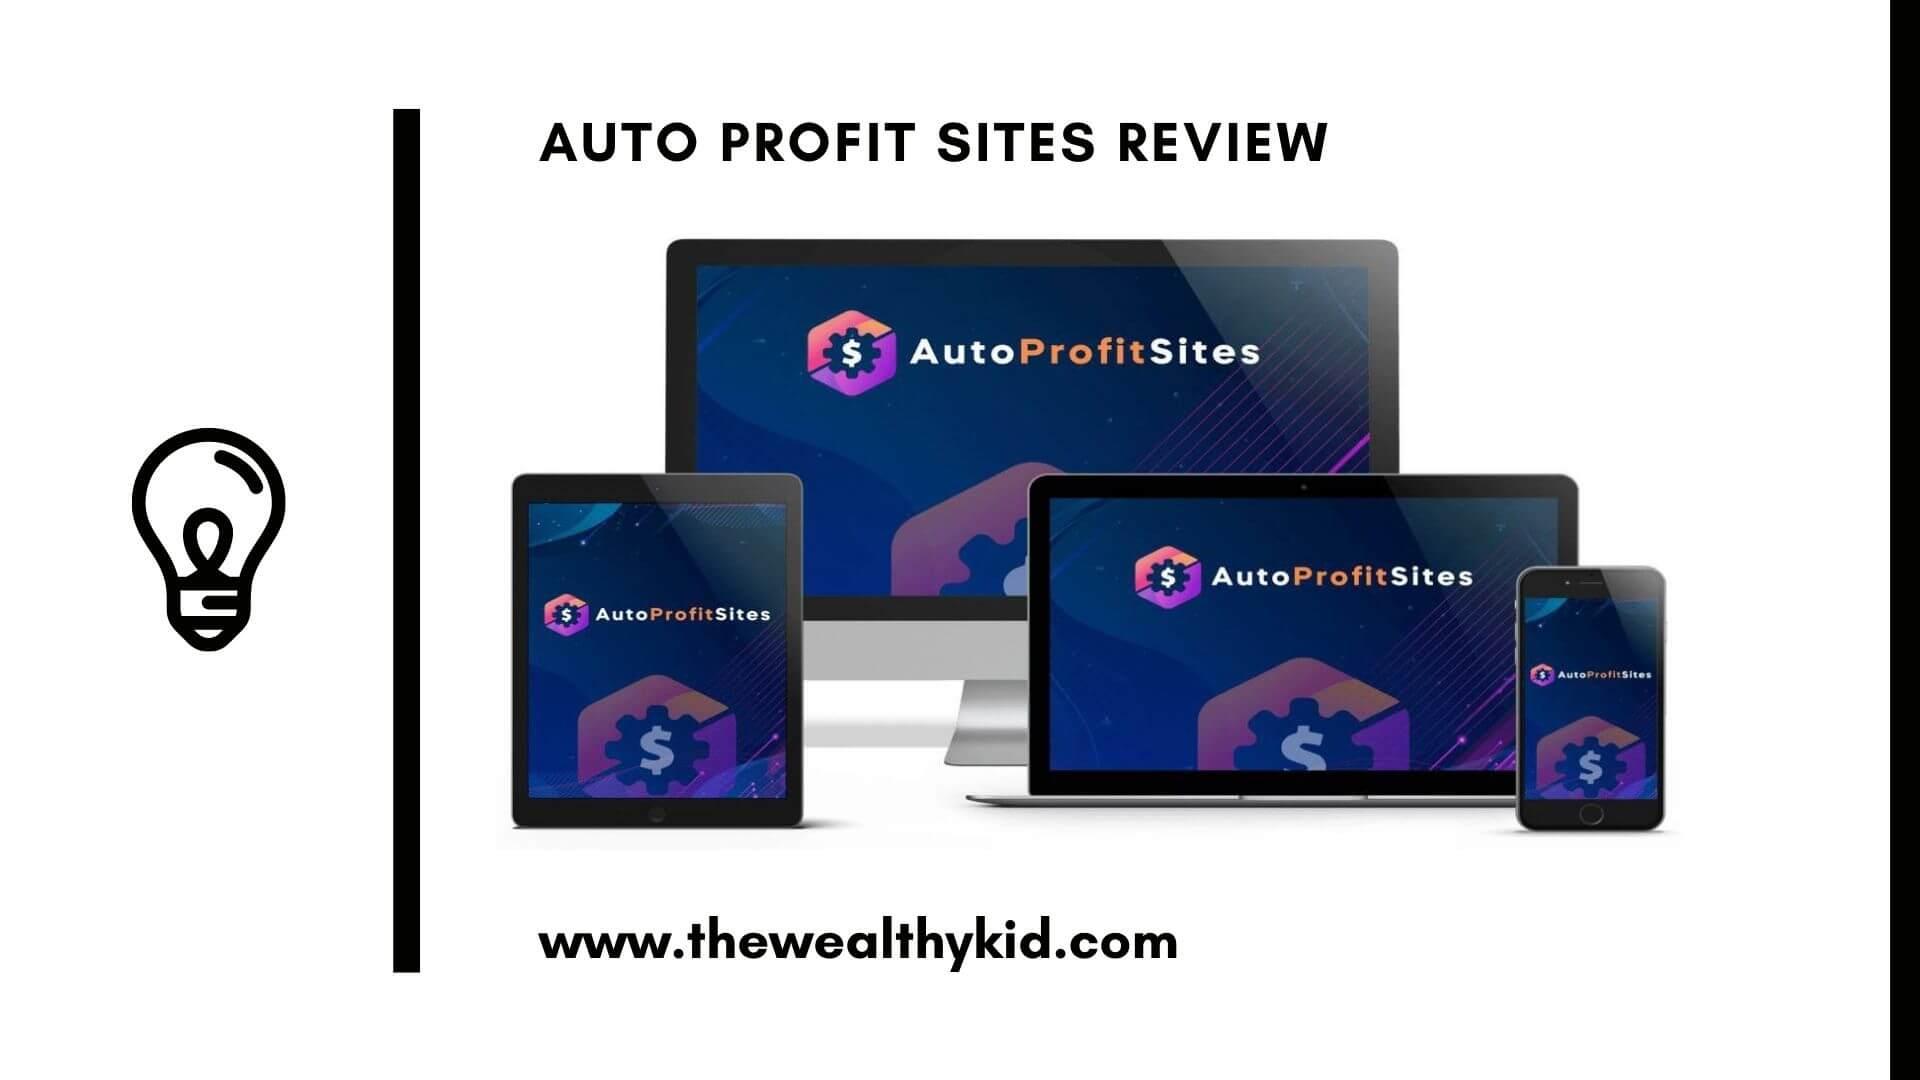 The Auto Profit Sites reviews